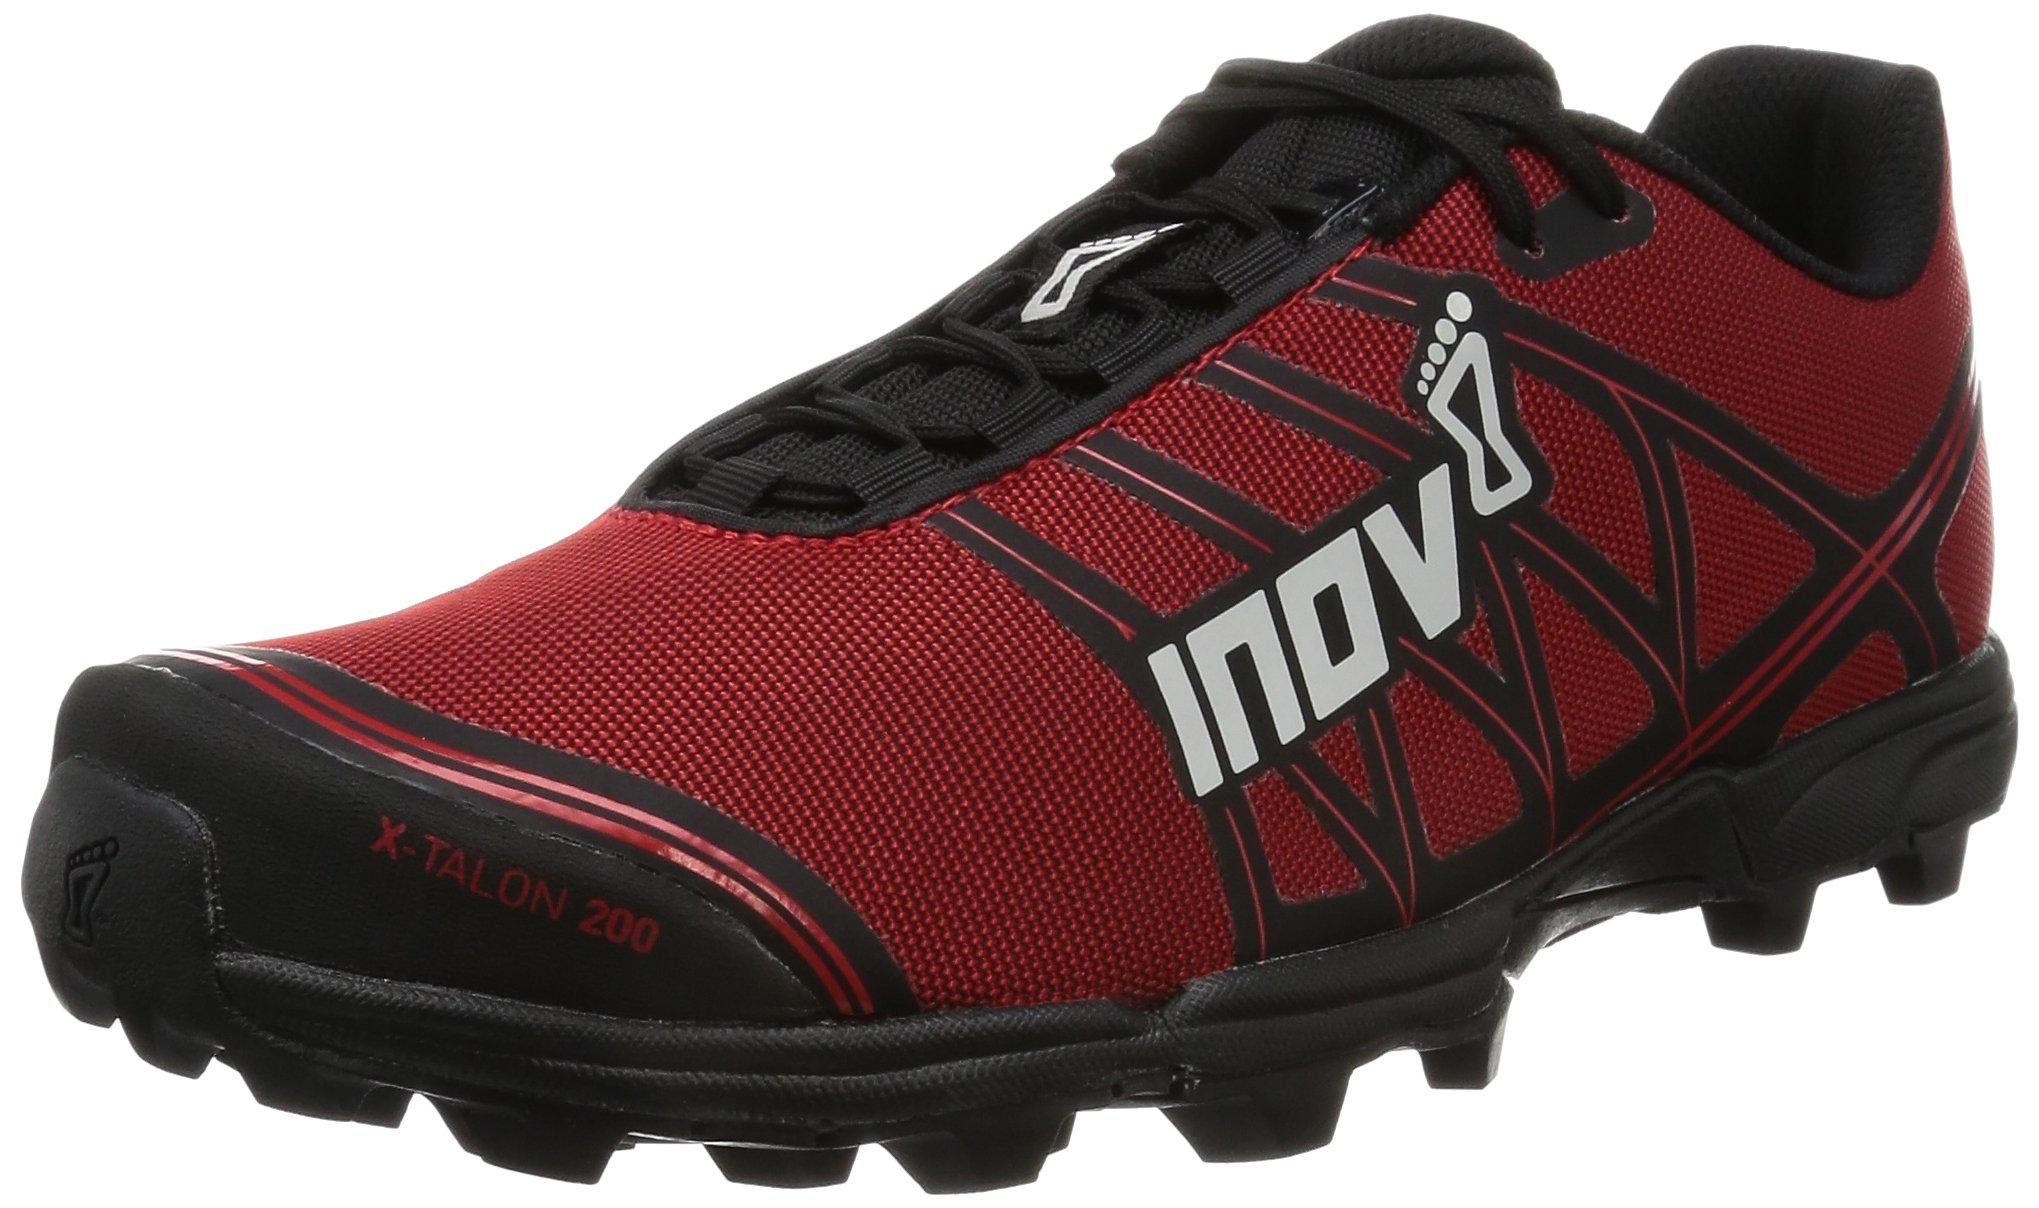 Inov-8 X-Talon 200 Trail Runner, Red/Black,13 US Women's/11.5 US Men's